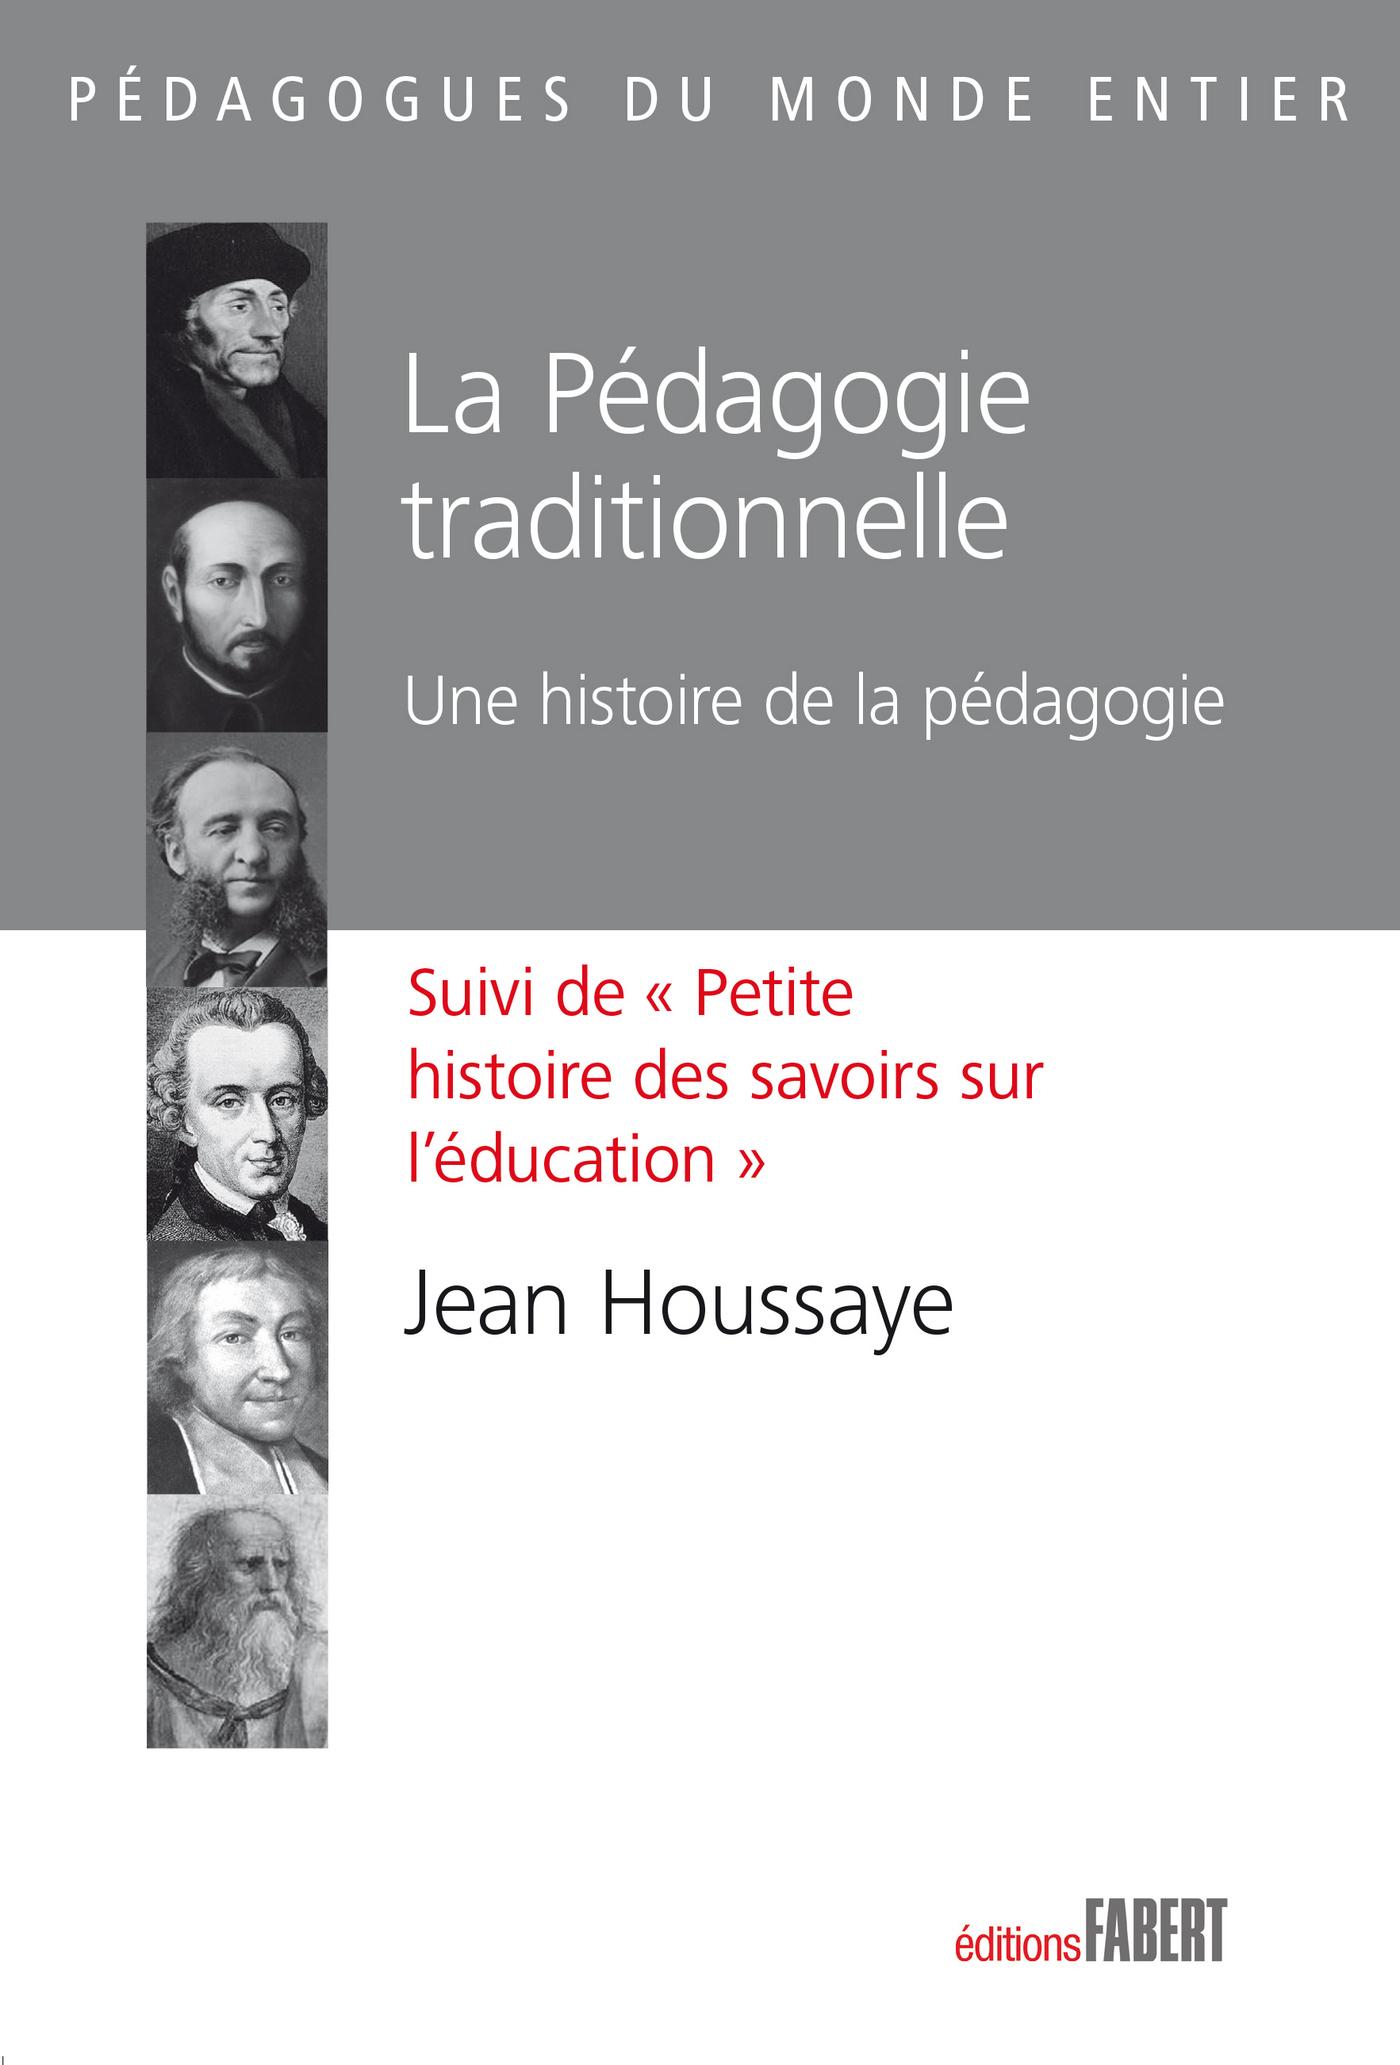 La Pédagogie traditionnelle...